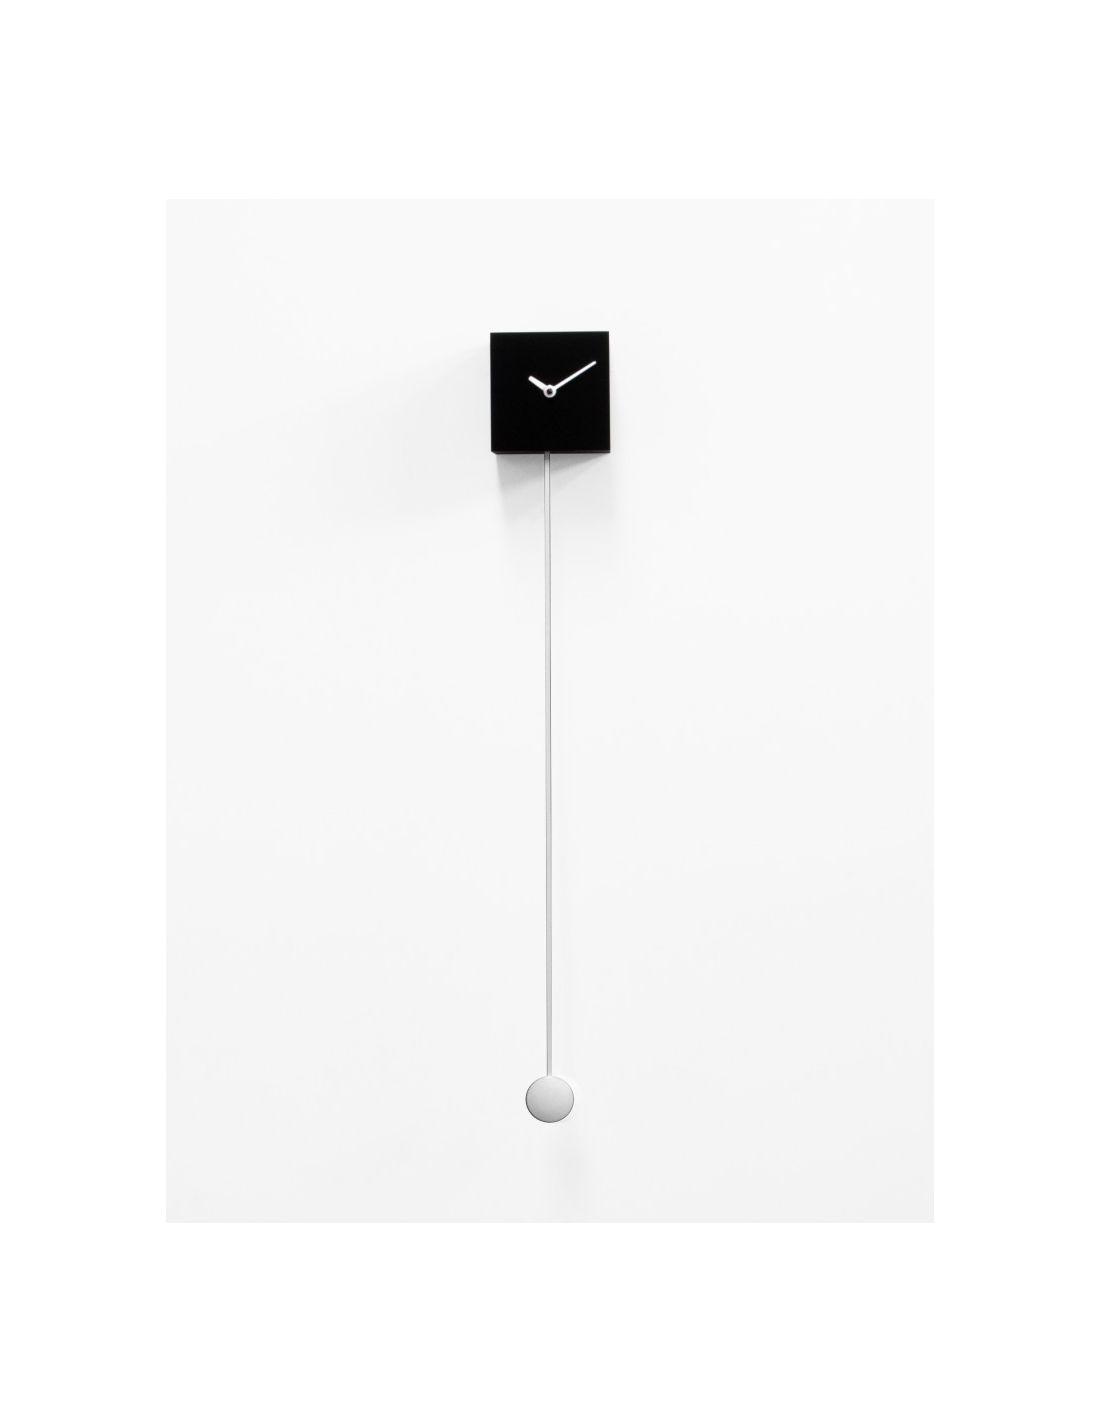 L'orologio a pendolo moderno freebird badass è l'evoluzione ironica del classico. Orologio A Pendolo Da Muro Design Moderno Long Time